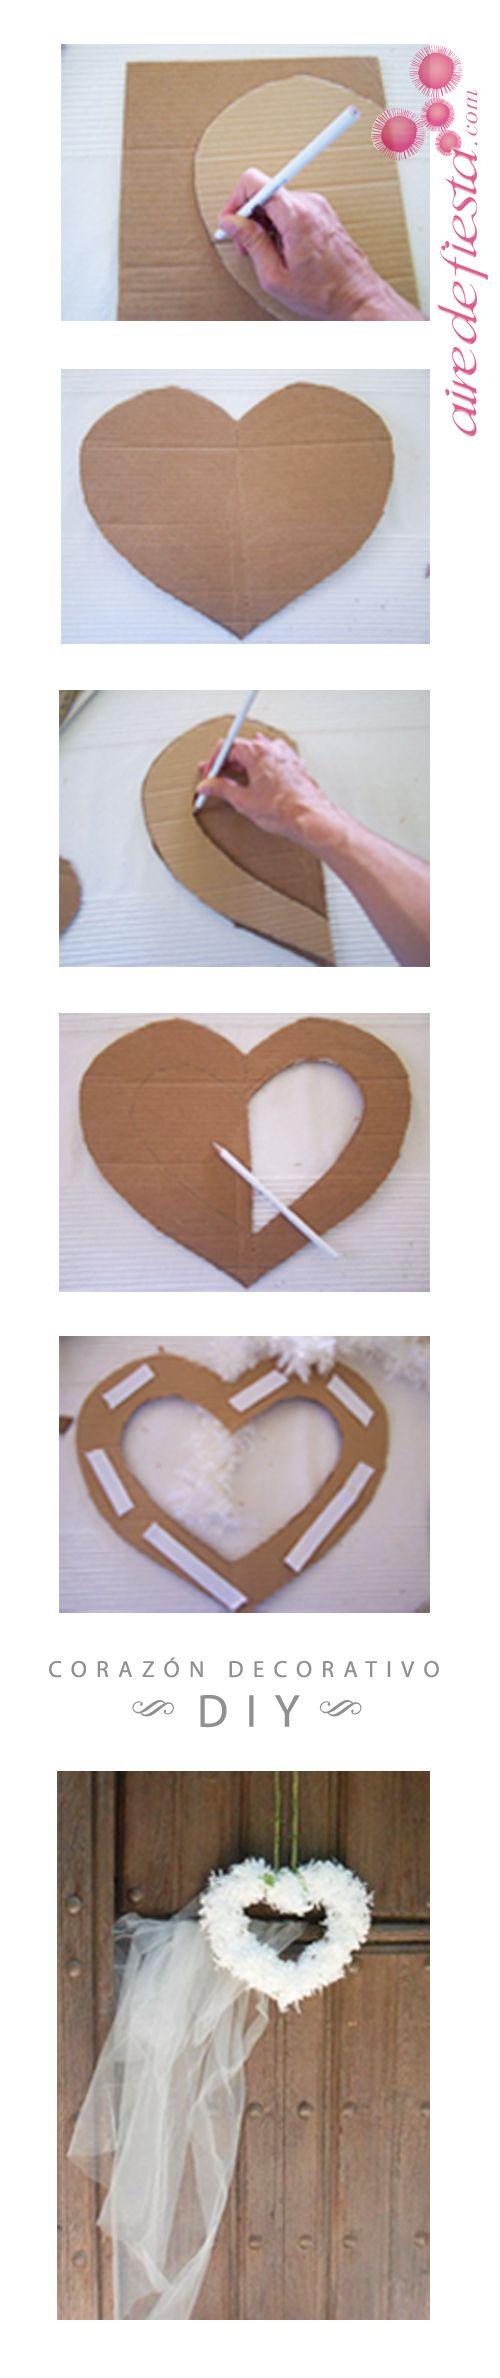 Aprende a hacer este sencillo corazón usando cartón y unos collares de seda blancos. Podrás decorar la boda, el coche de novios, usarlo como centro de mesa... http://www.airedefiesta.com/content/1457/224/707/1/1/COMO-HACER-UN-CORAZON-DECORATIVO.htm #manualidades #parabodas #centrodosdemesa #corazon